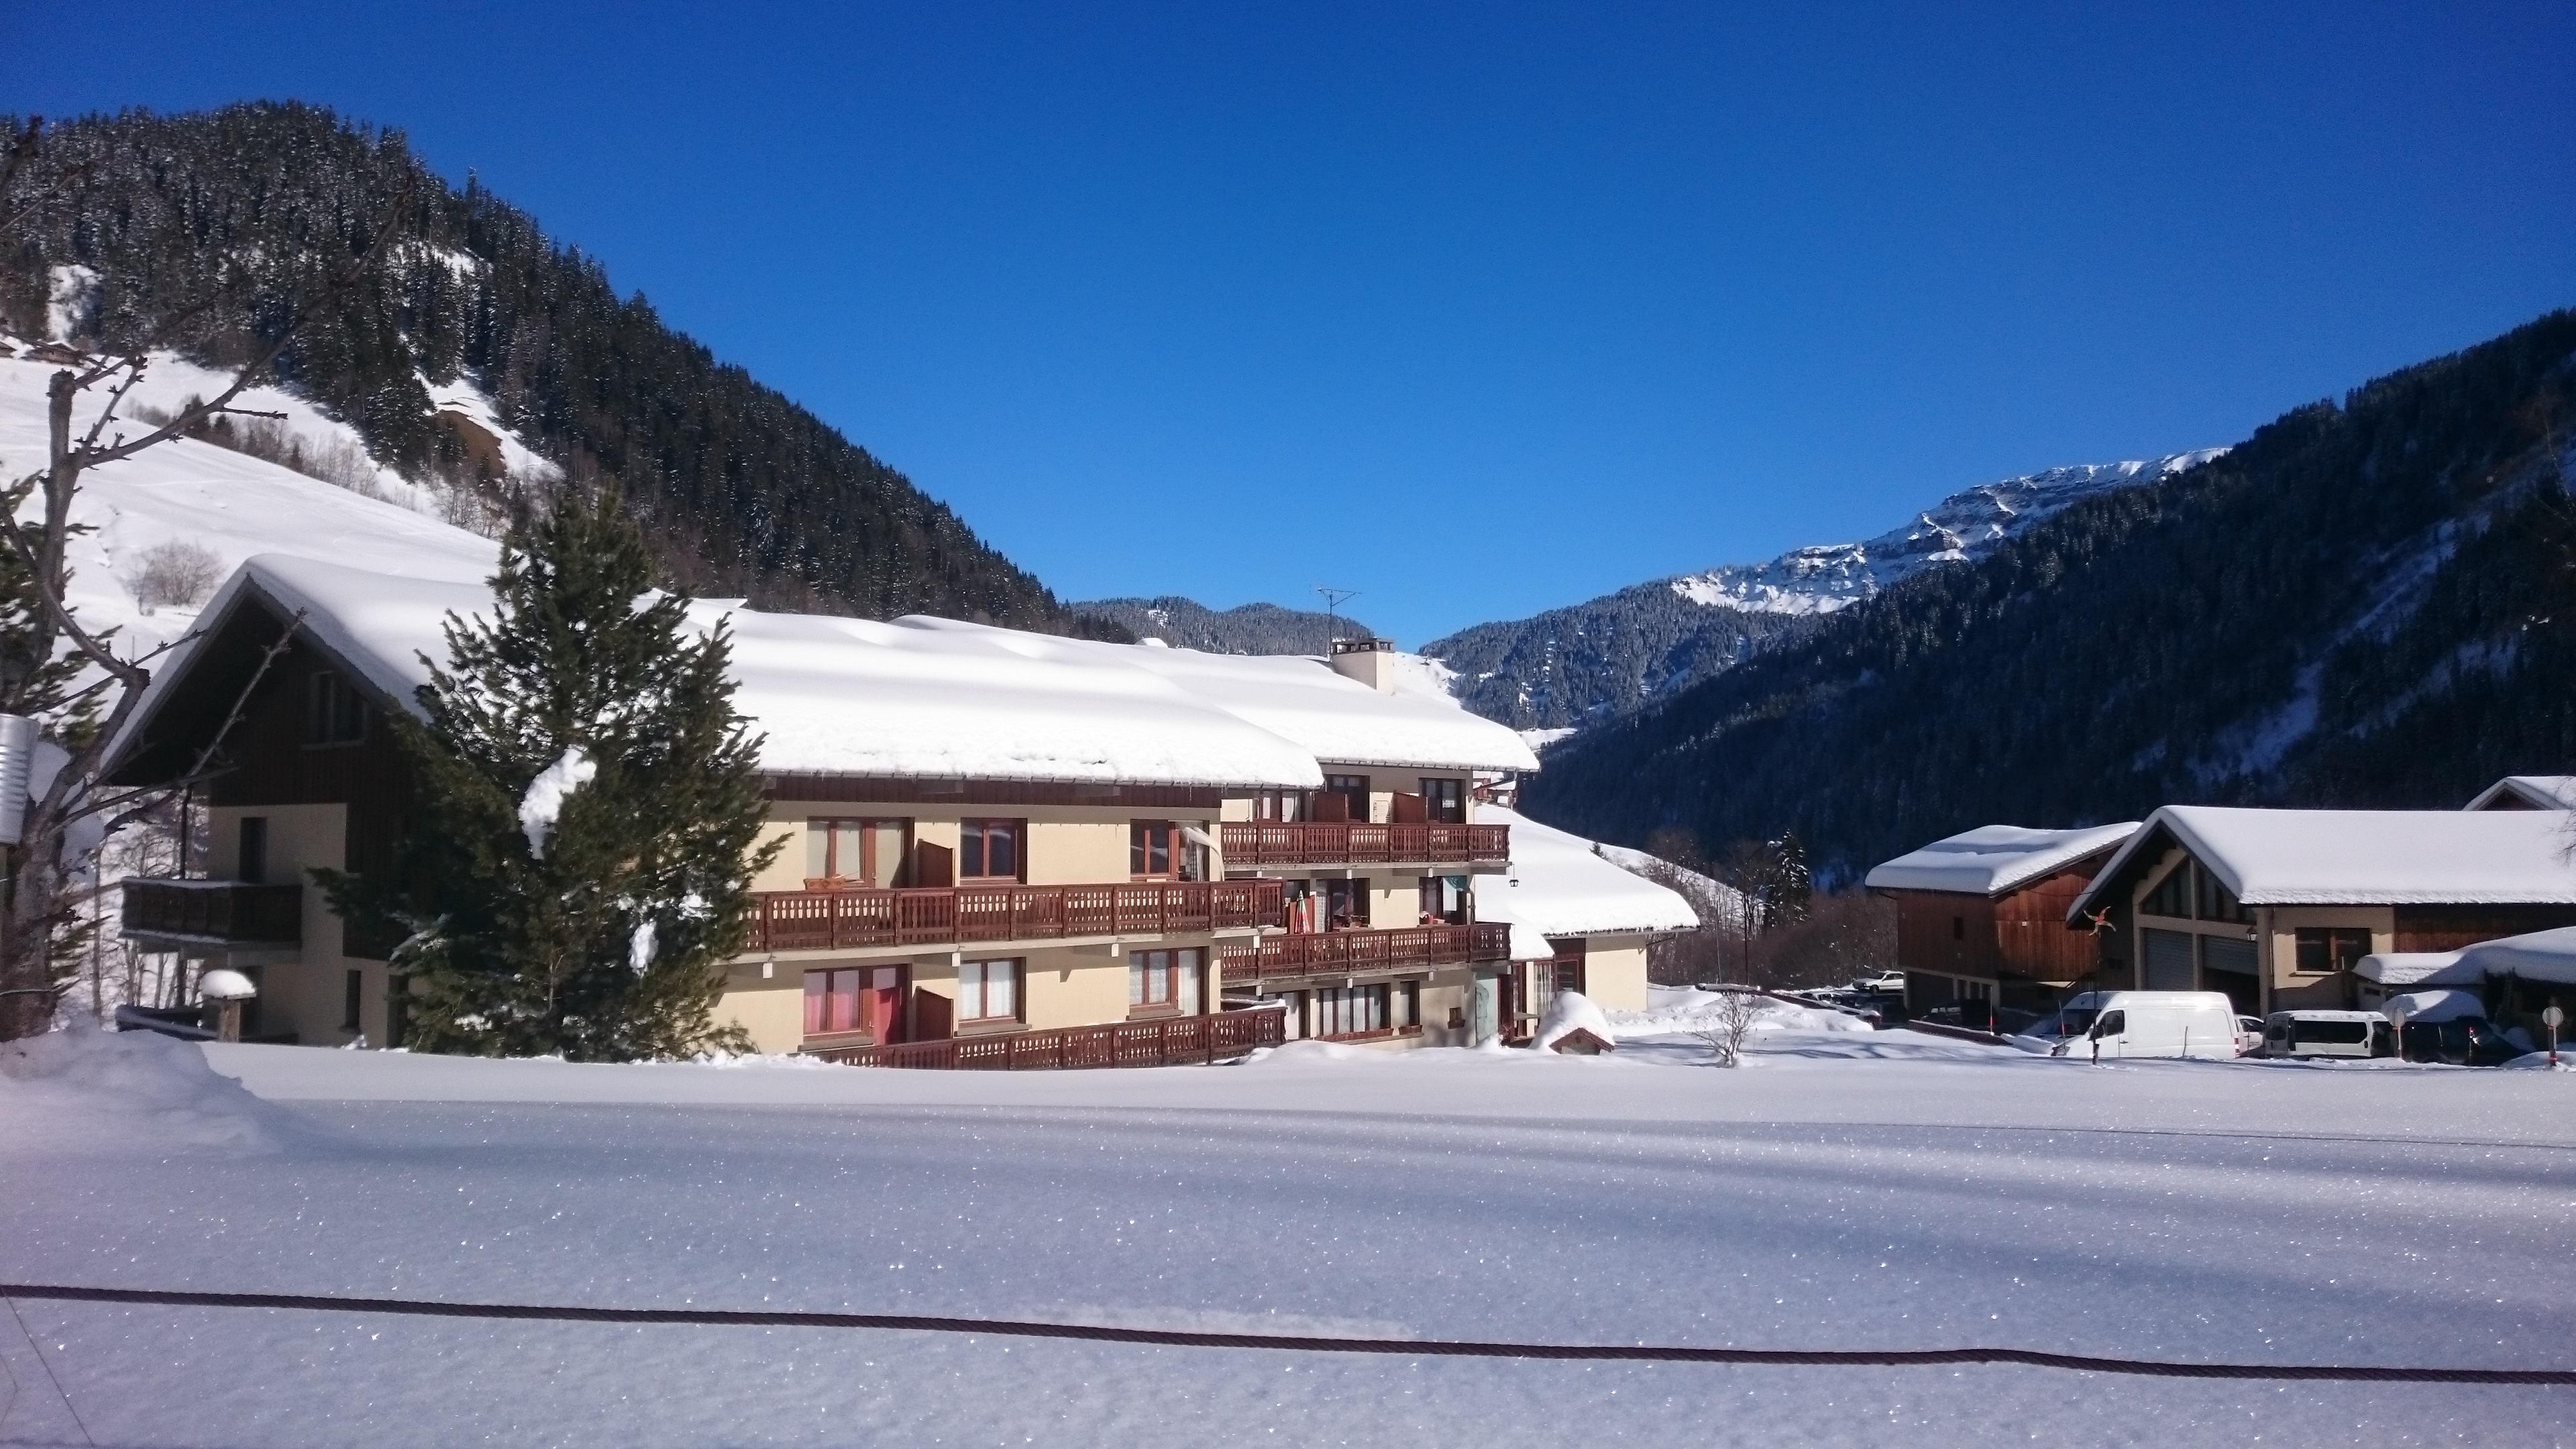 Location 2 pièces + mezzanine à Areches - Vacances à la montagne